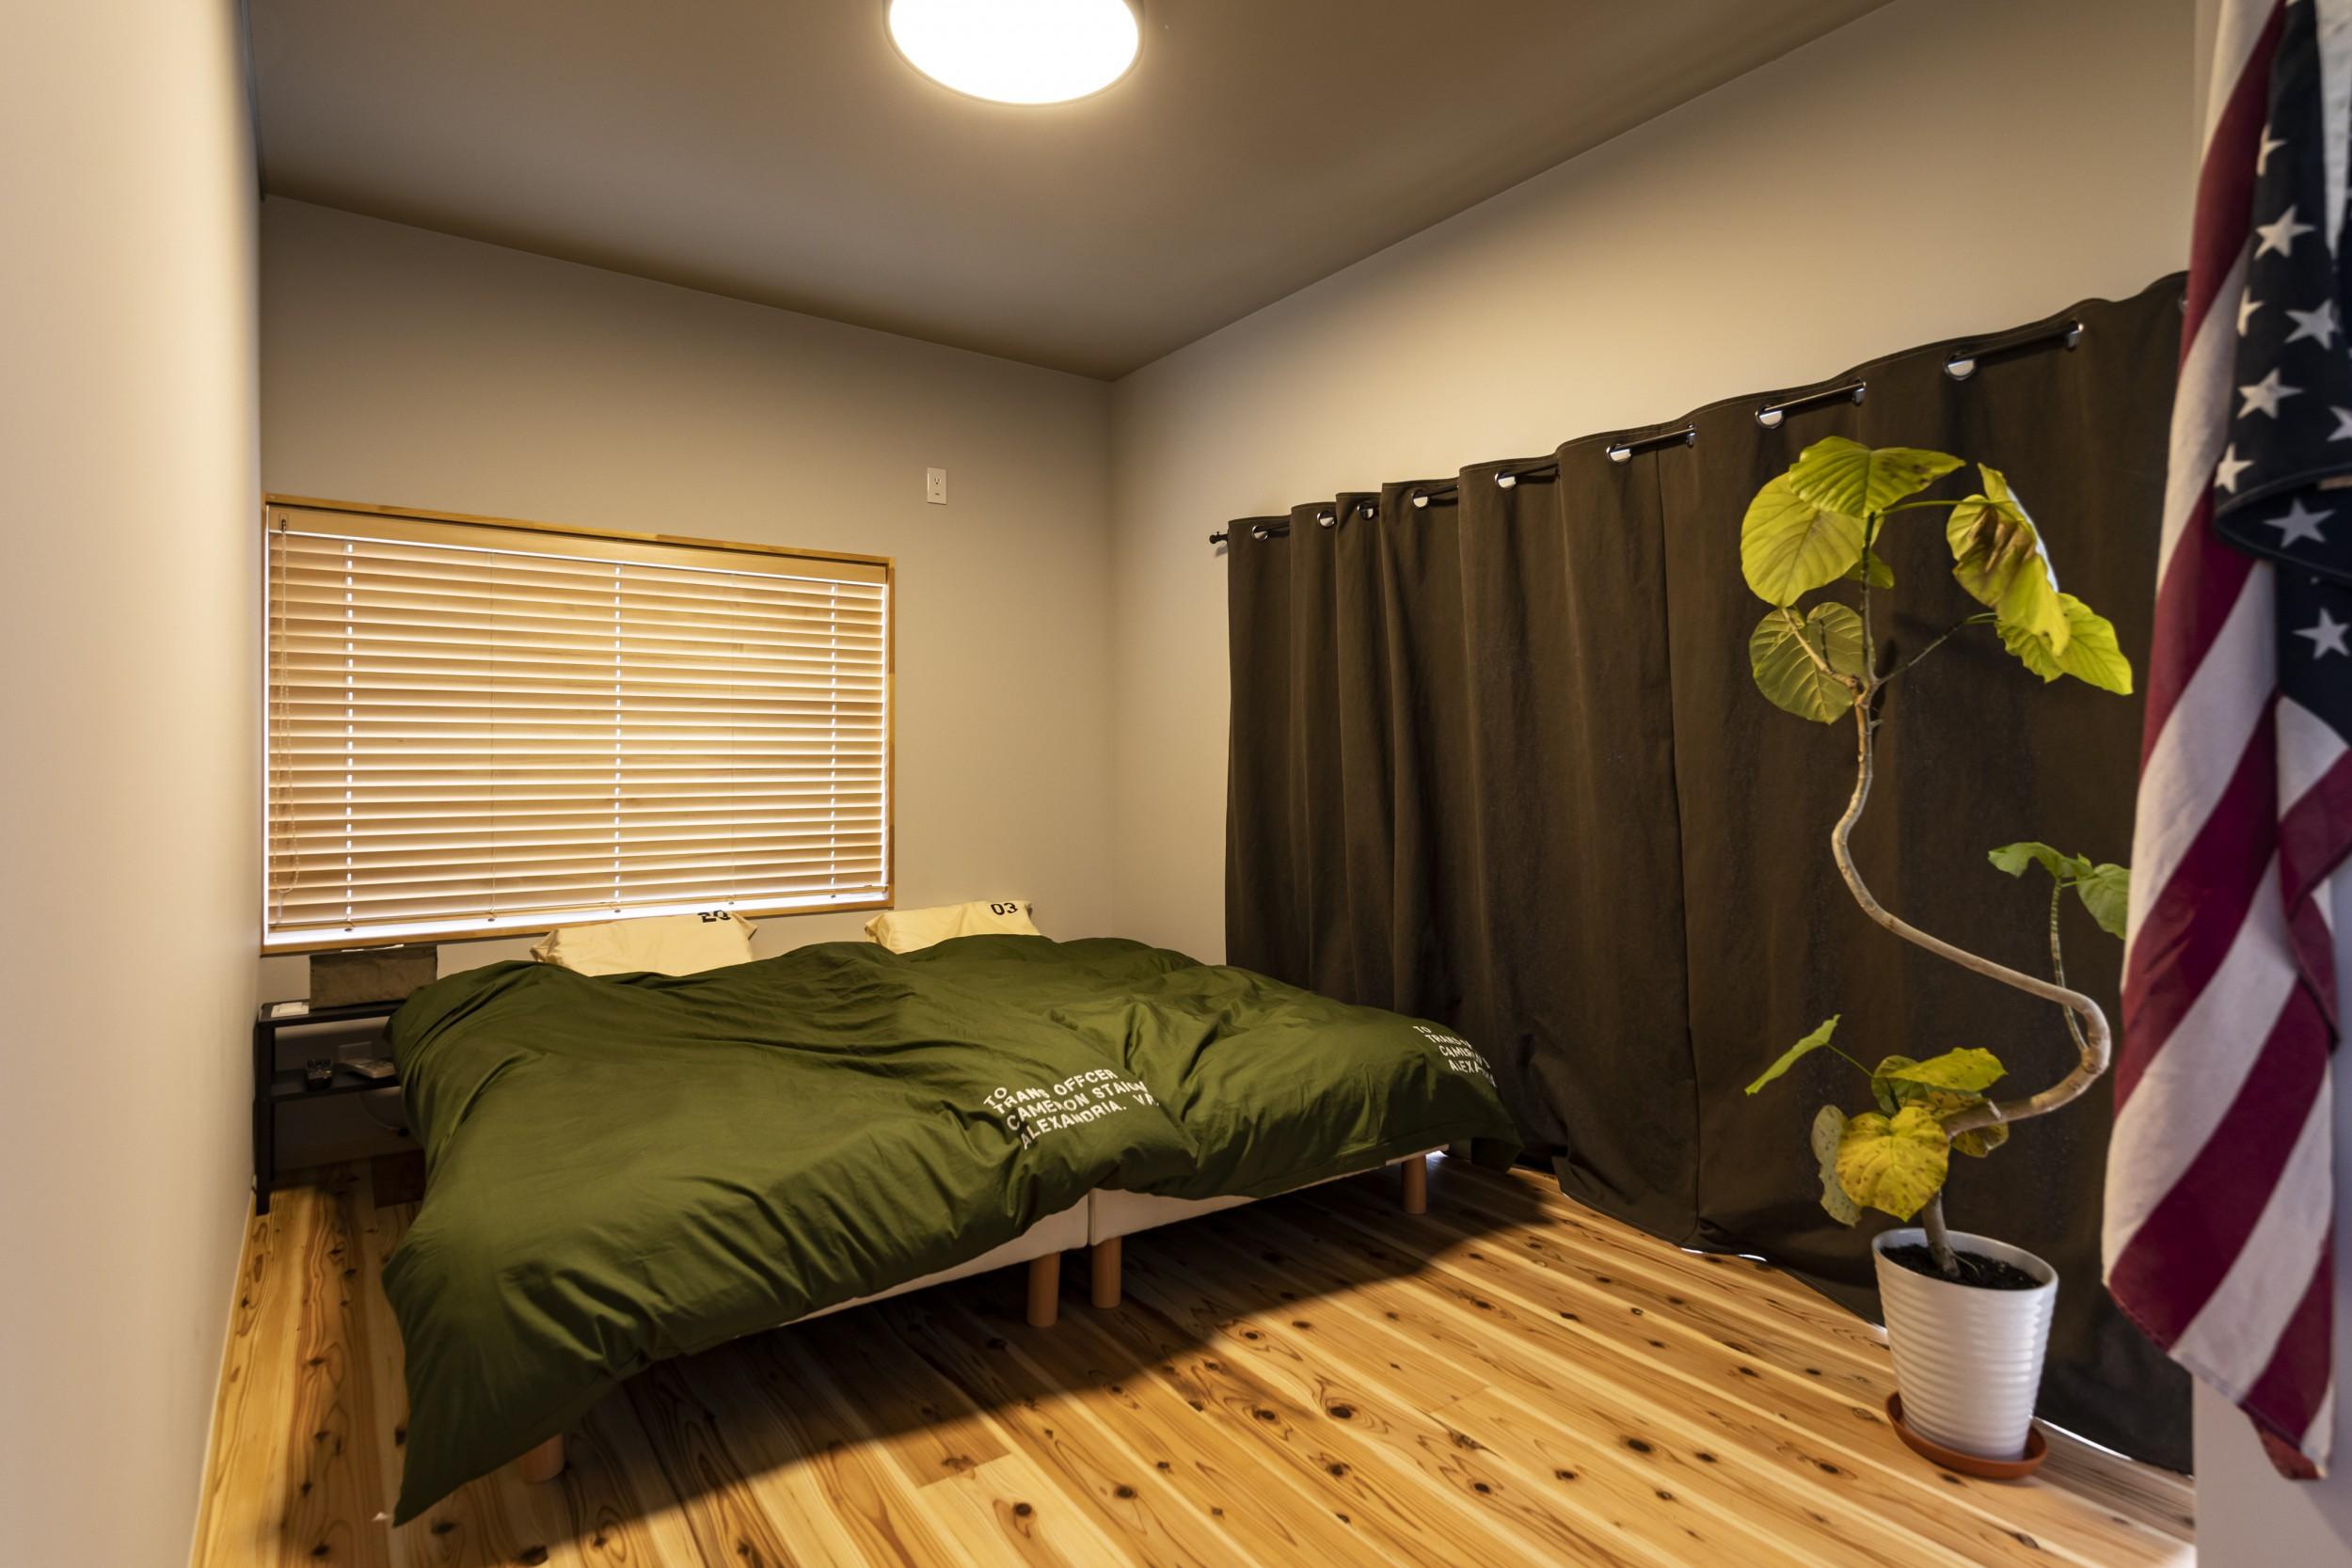 岐阜県土岐市戸建てリノベーション事例の寝室